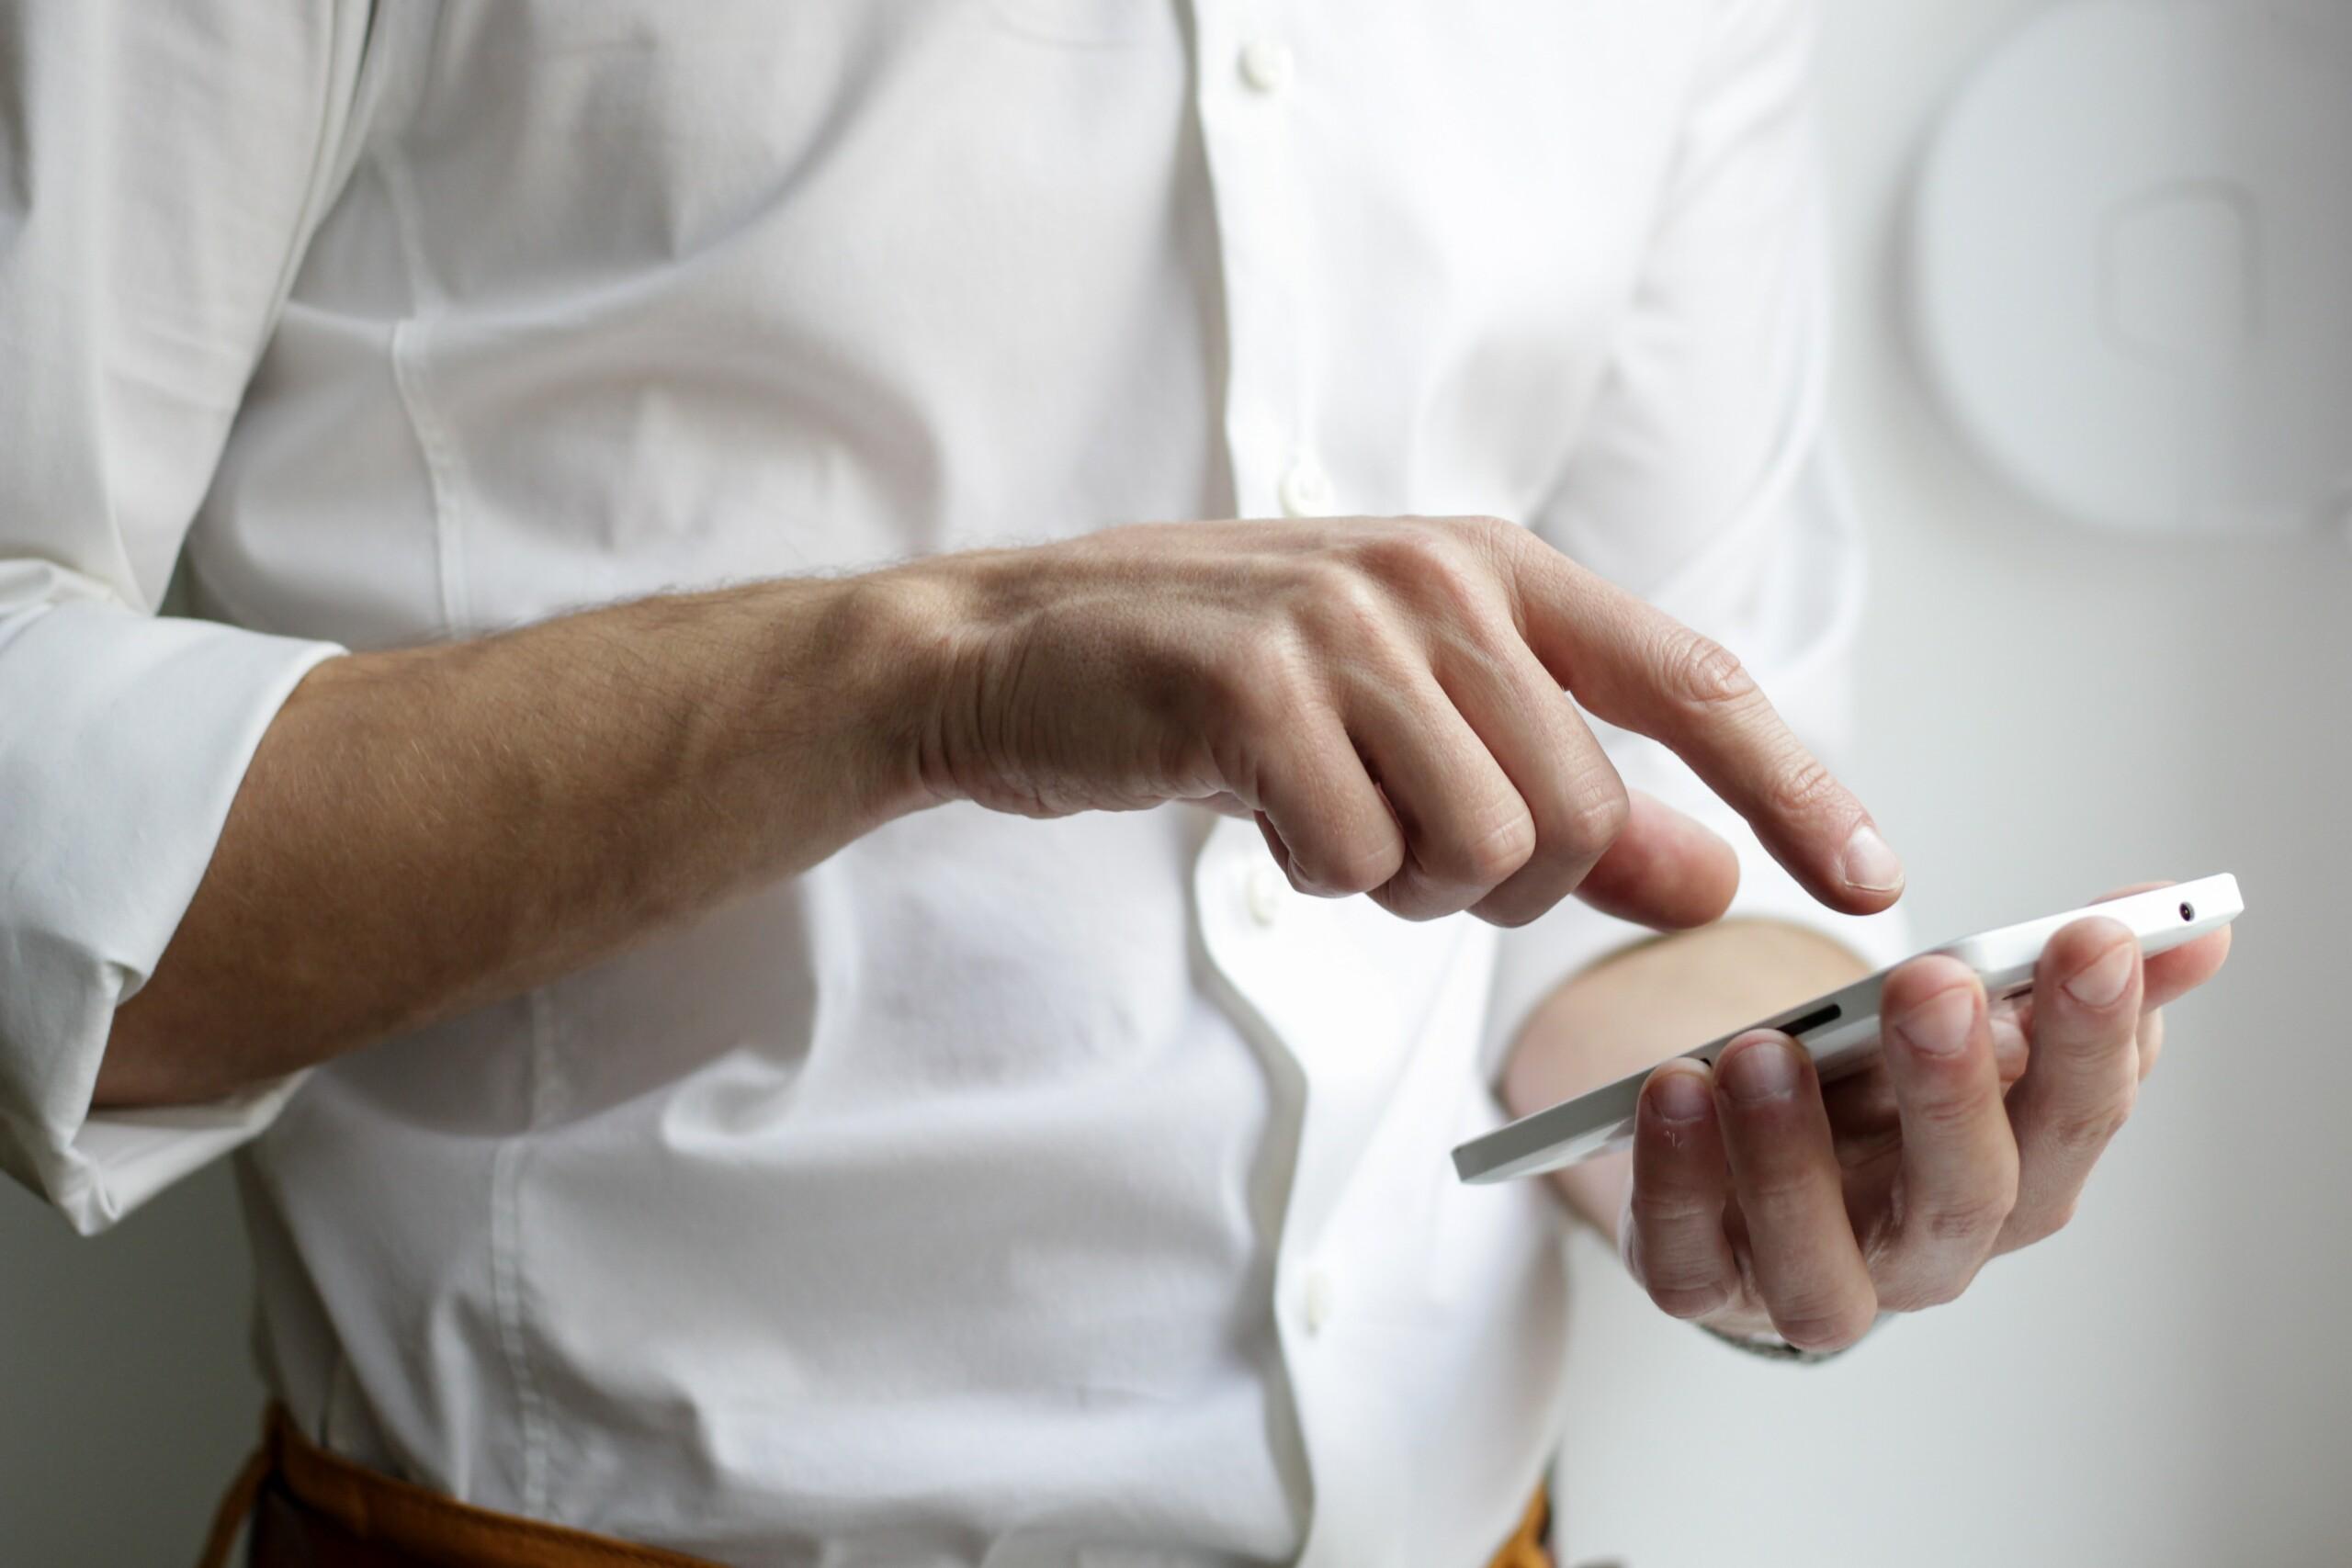 Téléconsultation : les applications pour prendre rendez-vous en ligne avec un médecin